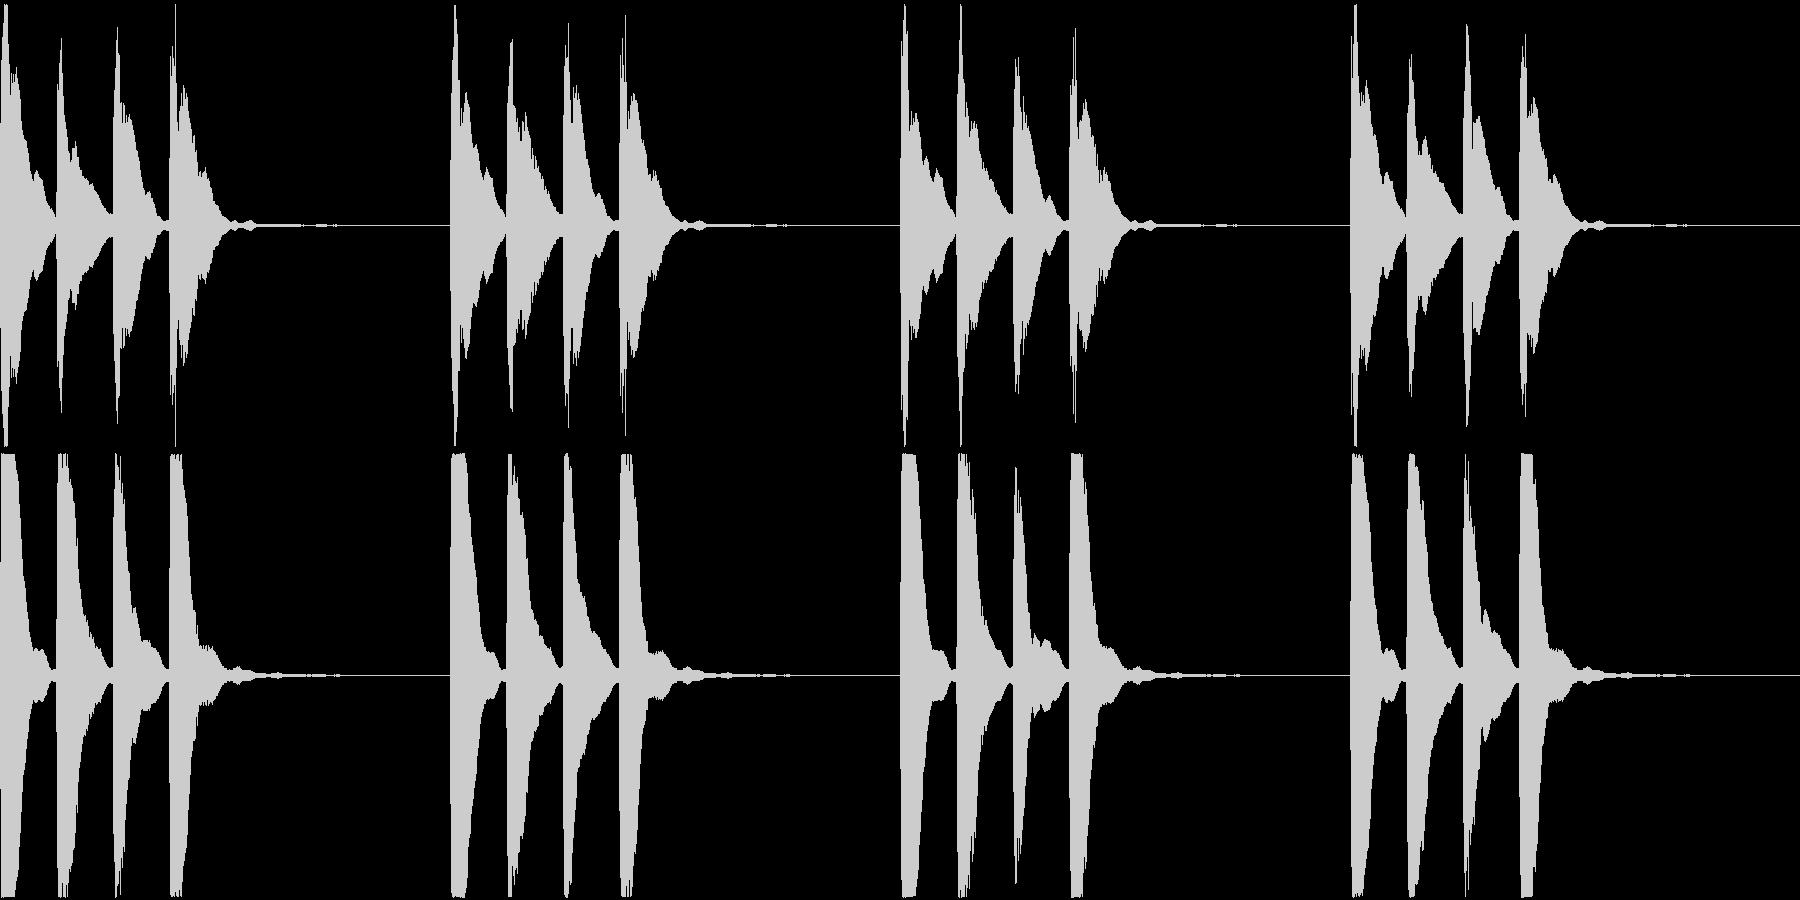 シンプル ベル 着信音 チャイム C-8の未再生の波形